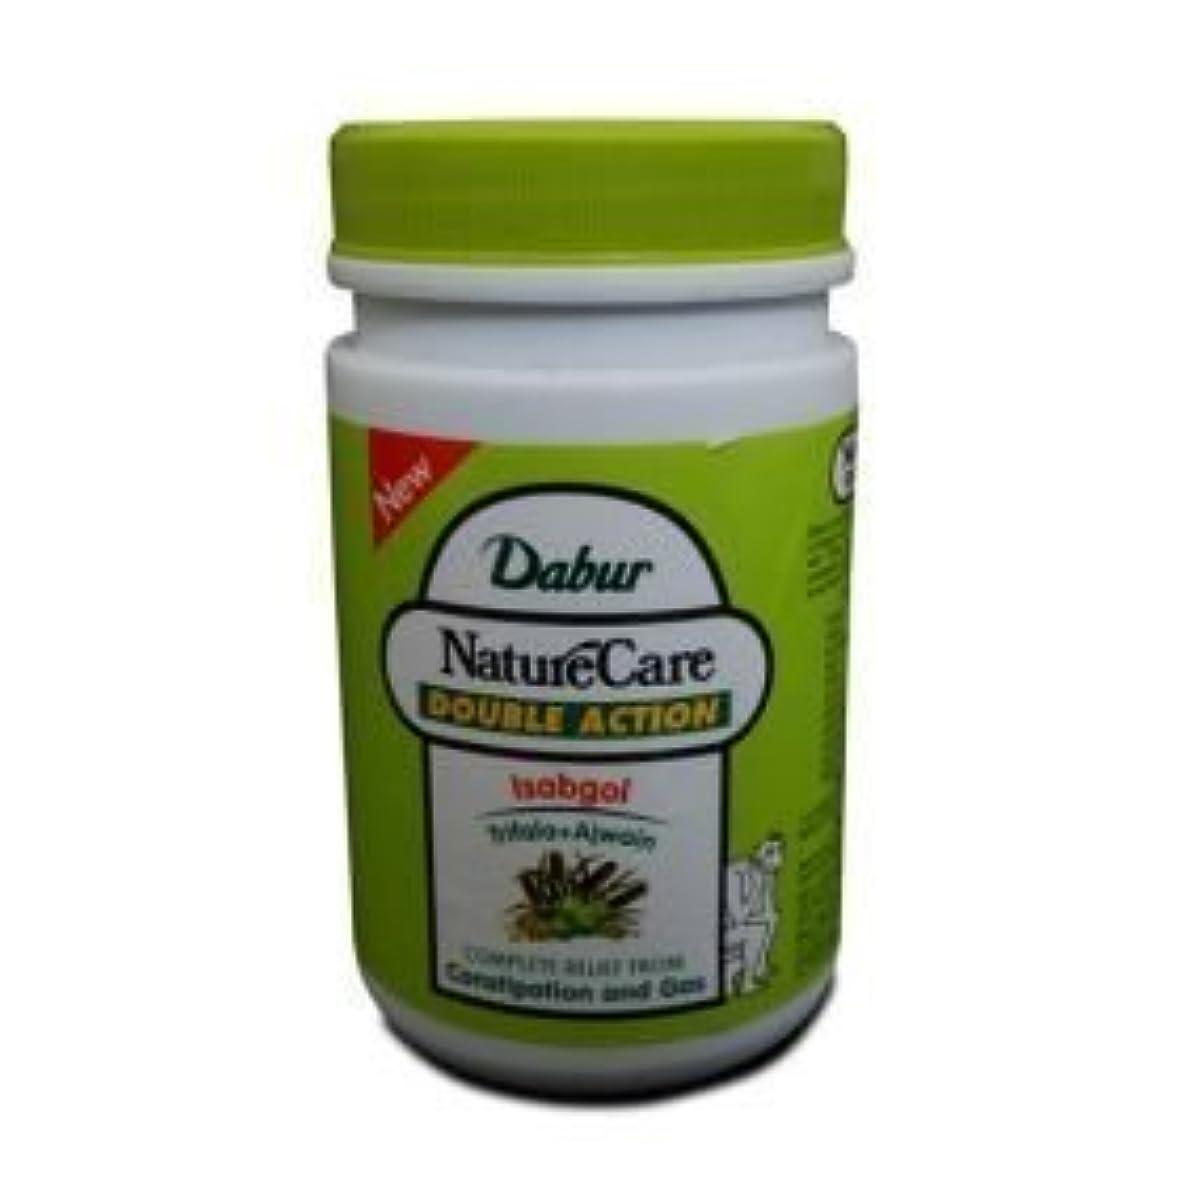 注目すべき下手謝罪するDabur Naturecare Double Action Isabgol Husk Effective Relief From Gas,constipation 100 Grams by Dabur [並行輸入品]